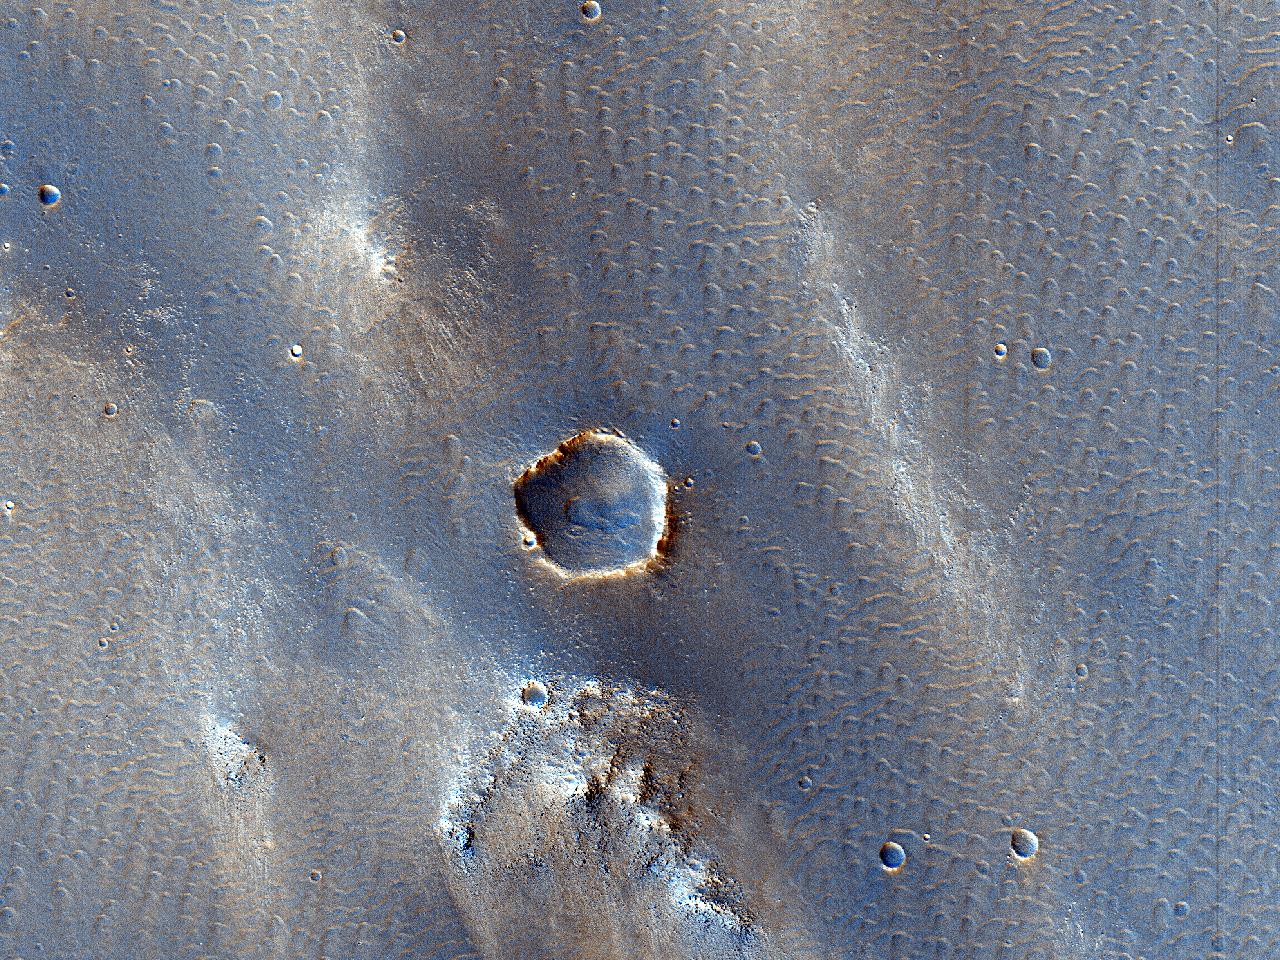 Cana possibilia flabella in imo latere crateris sita